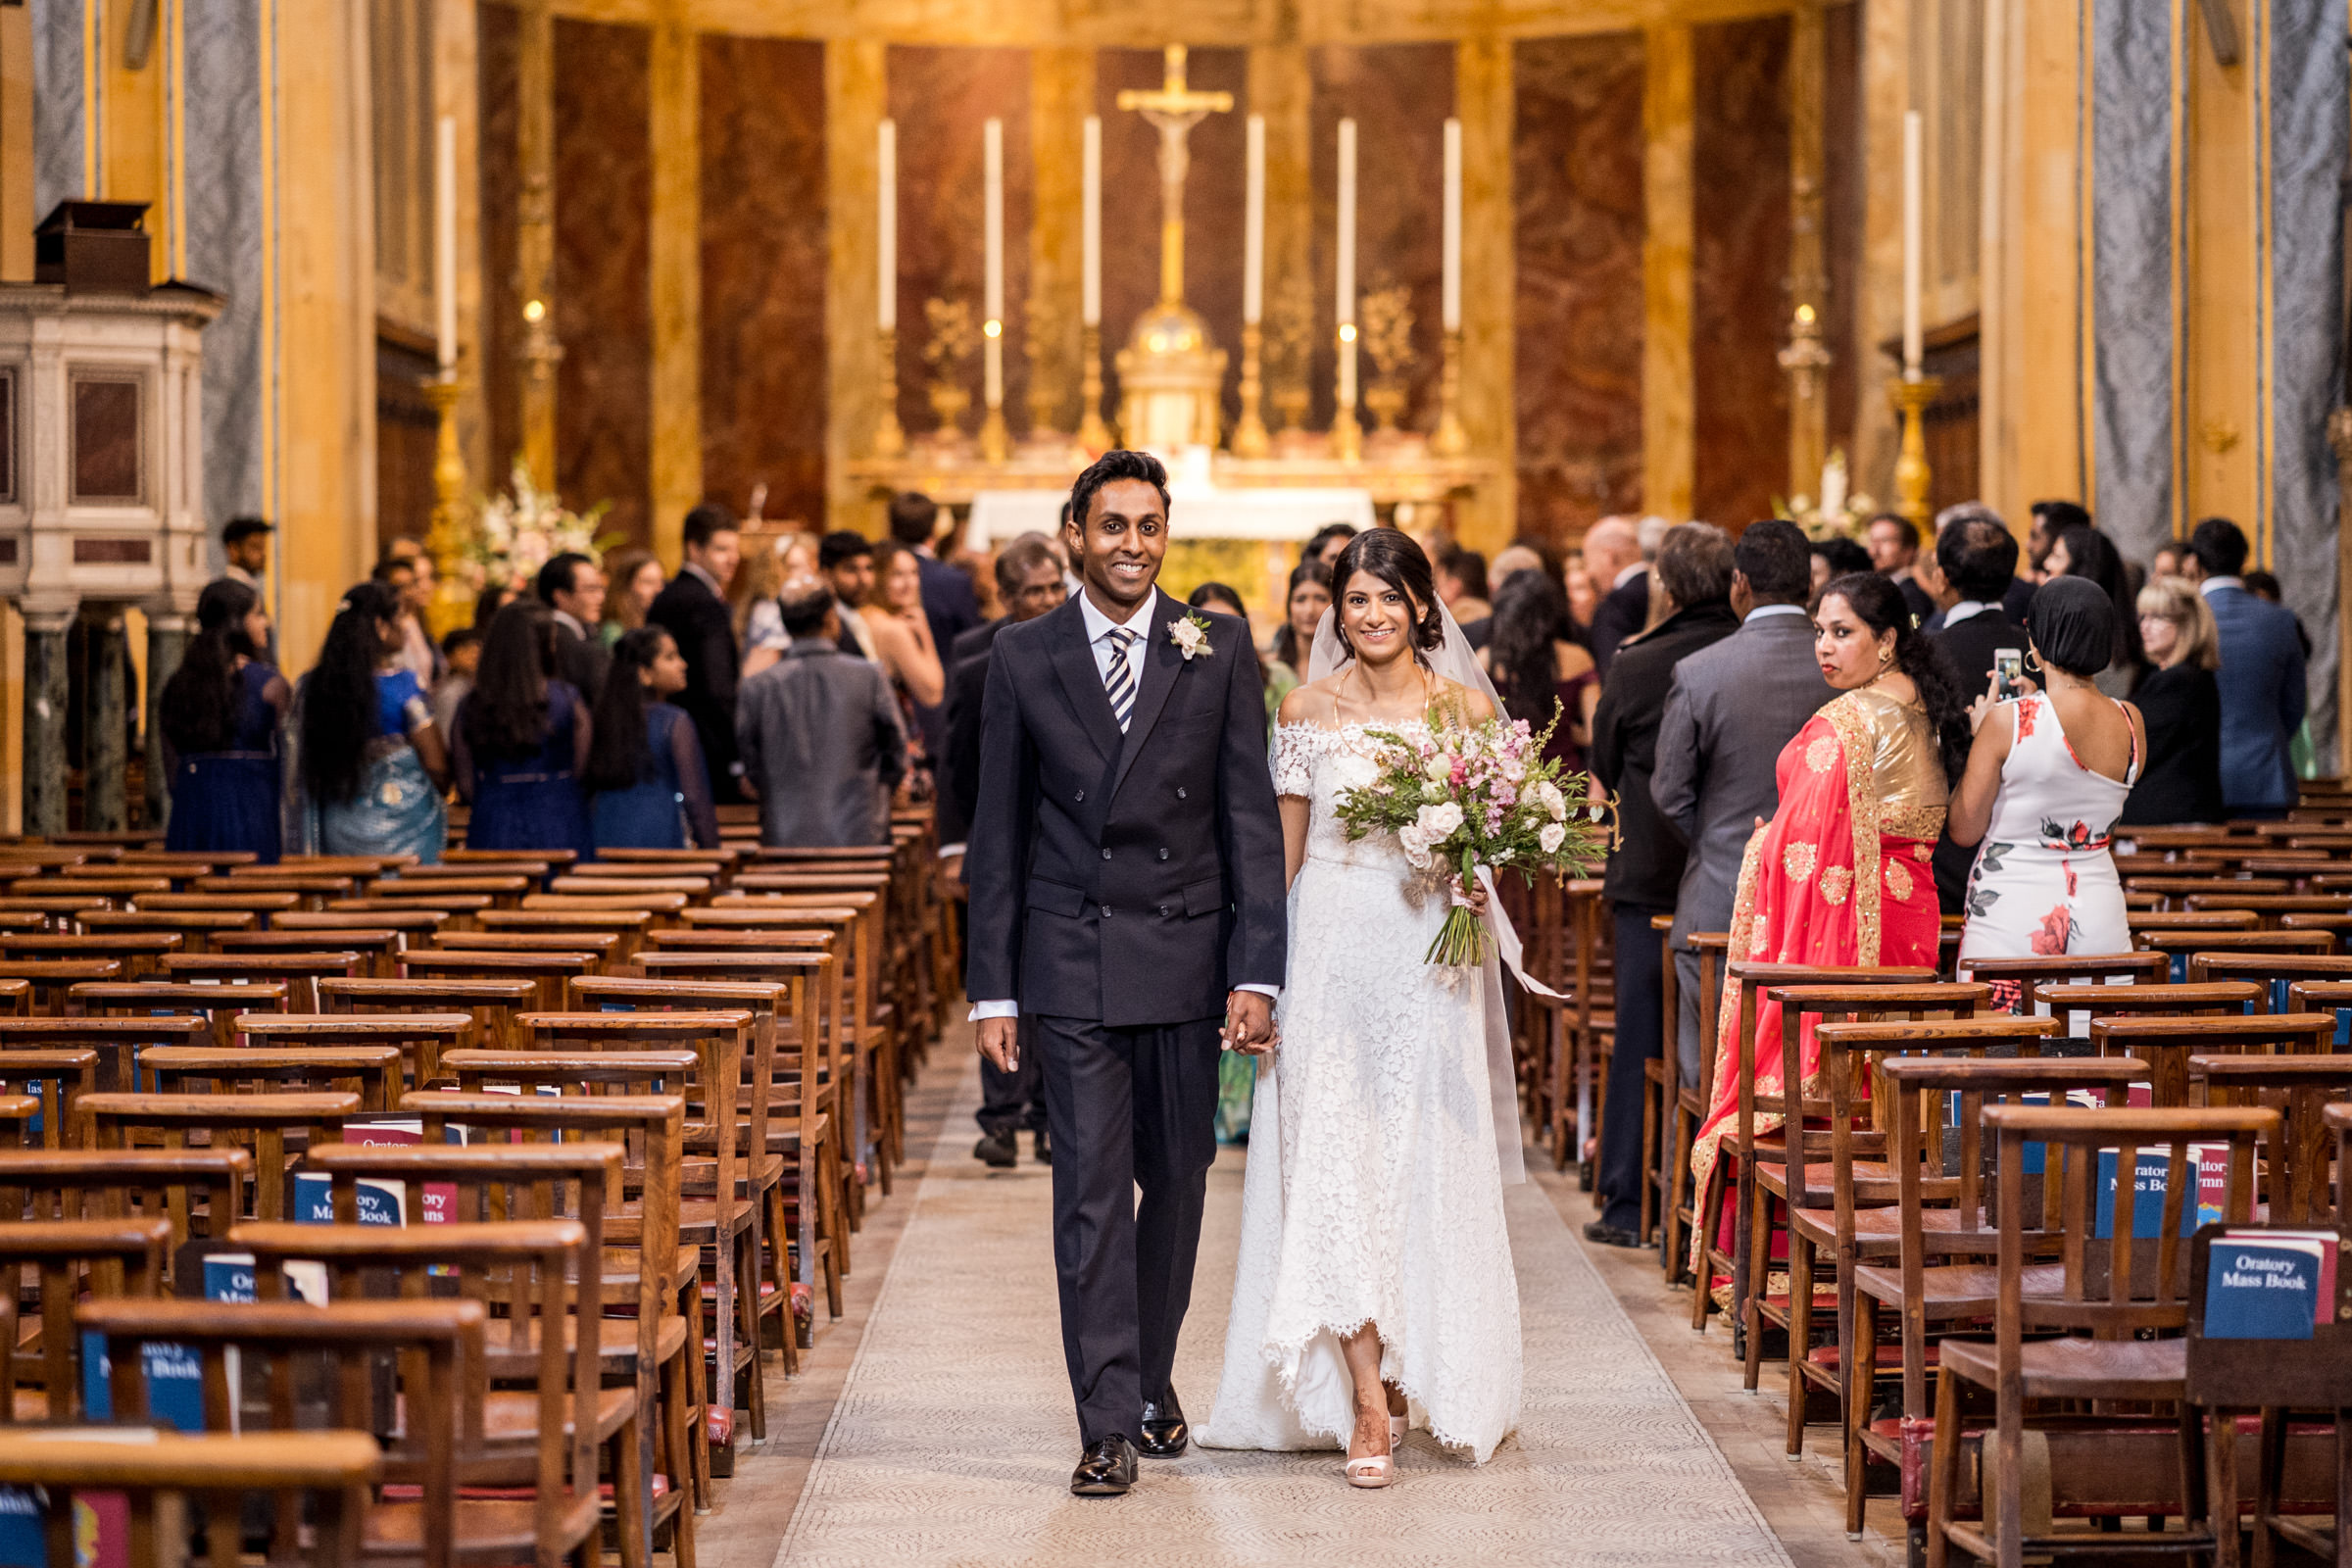 圣何塞·埃米特·卢卡斯的儿子,是圣弗朗西斯科的婚礼